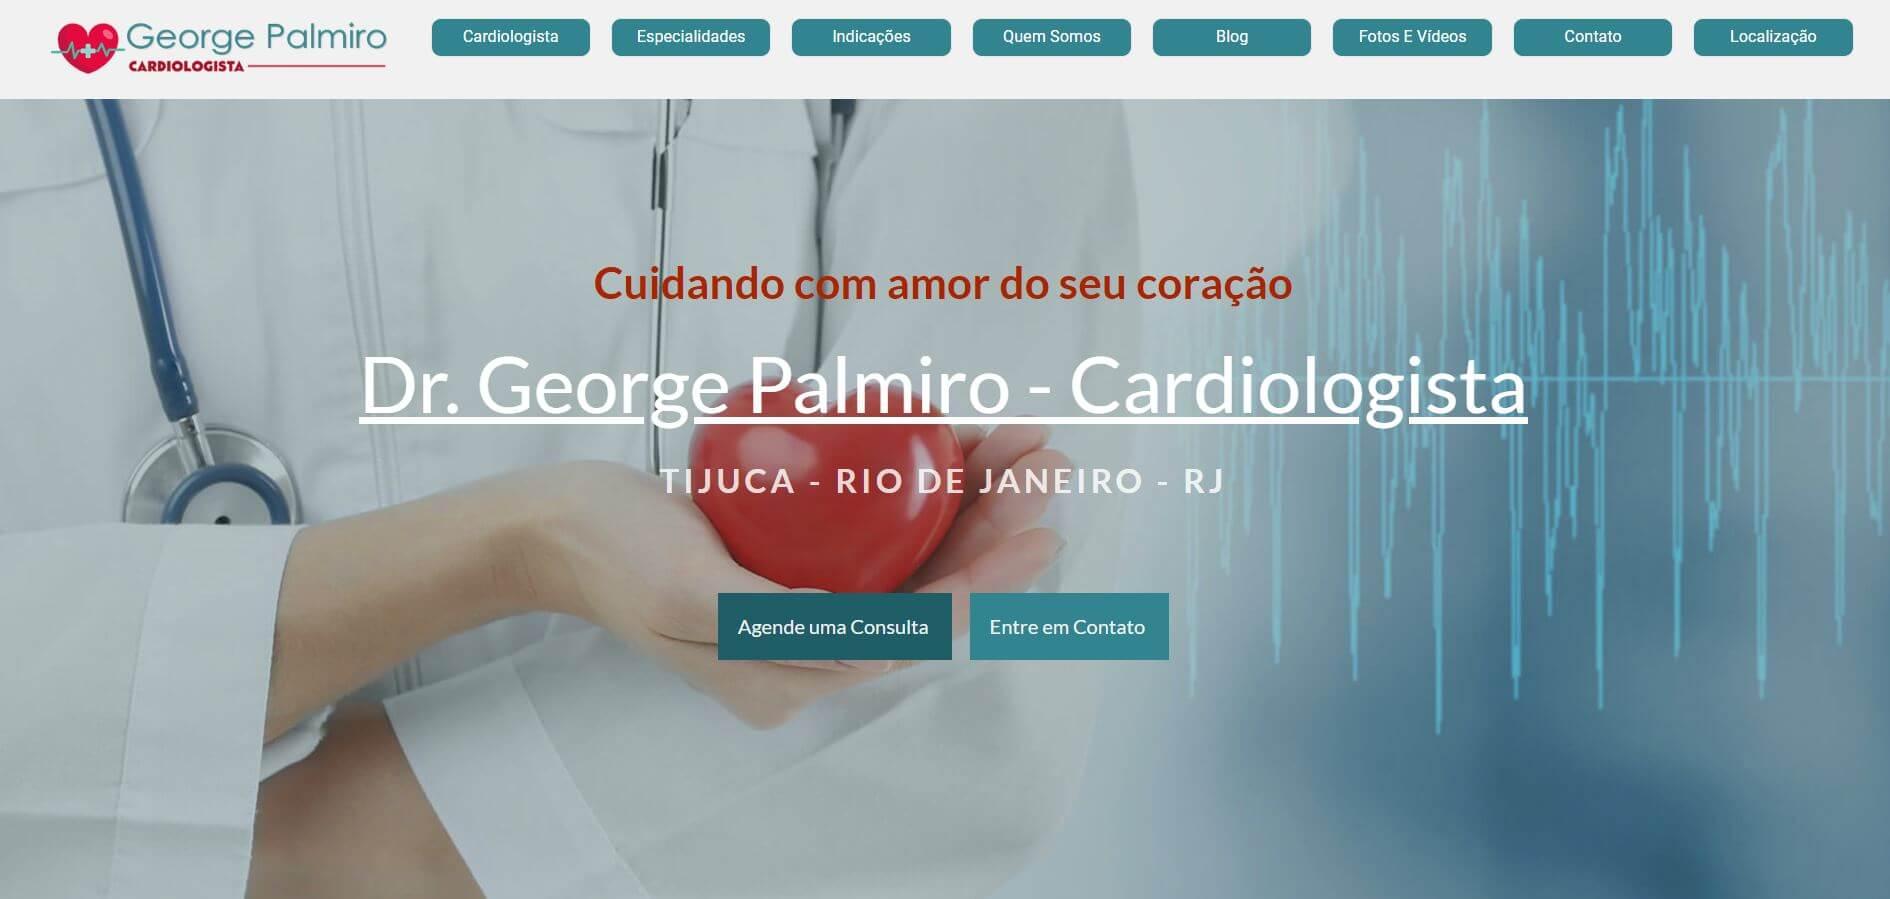 Banner Hotsite do Corpo Informa